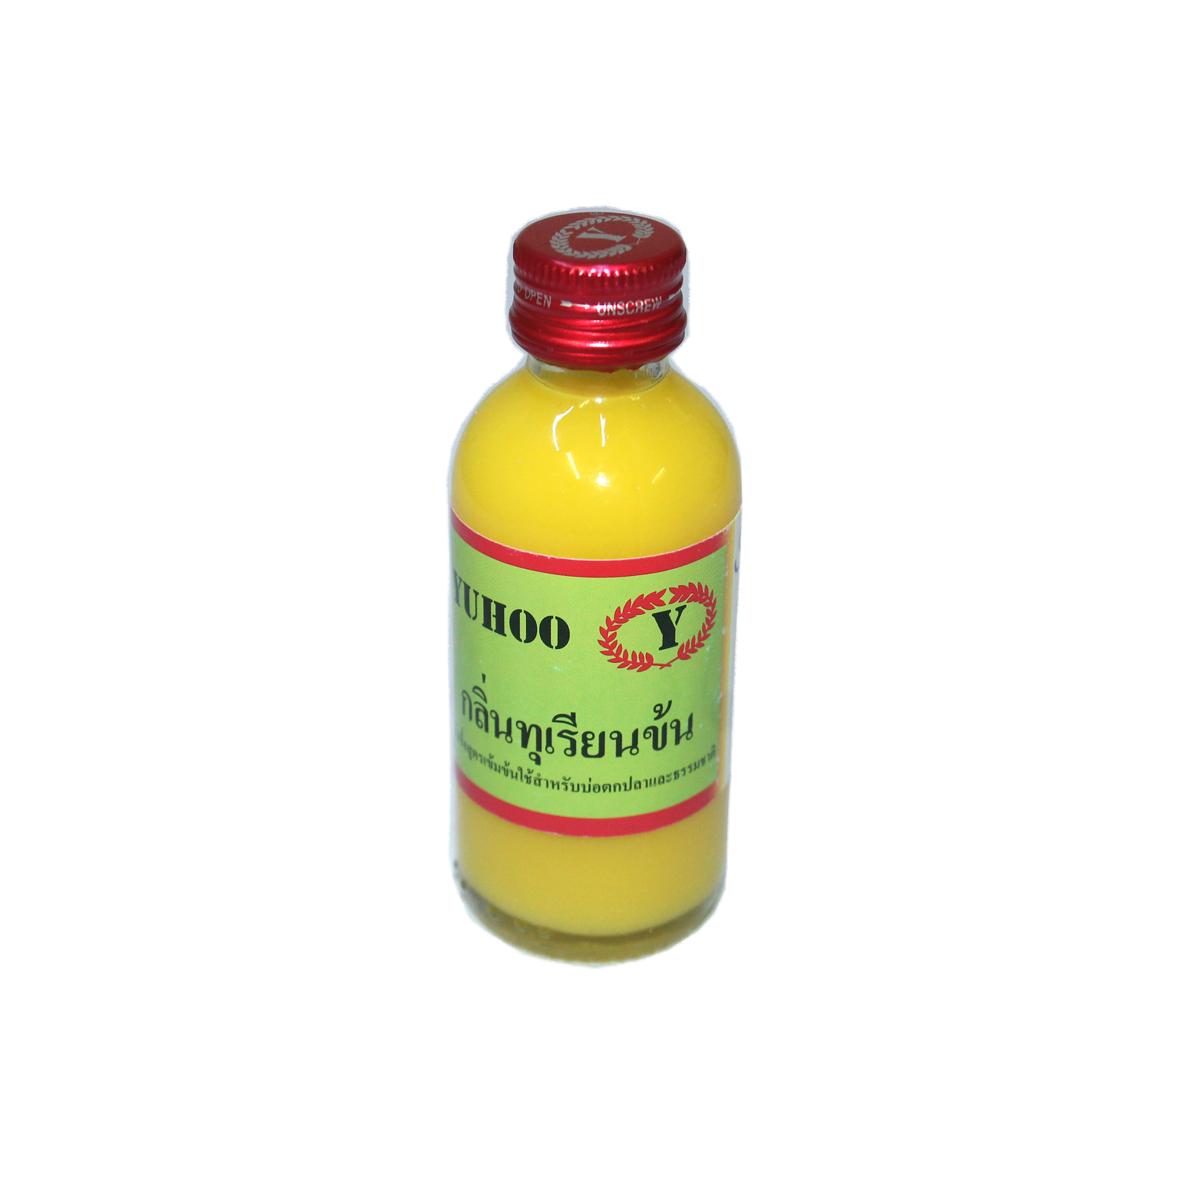 Tinh Dầu Tạo Mùi Thơm Câu Cá Yuhoo Thái Hương Sầu Riêng